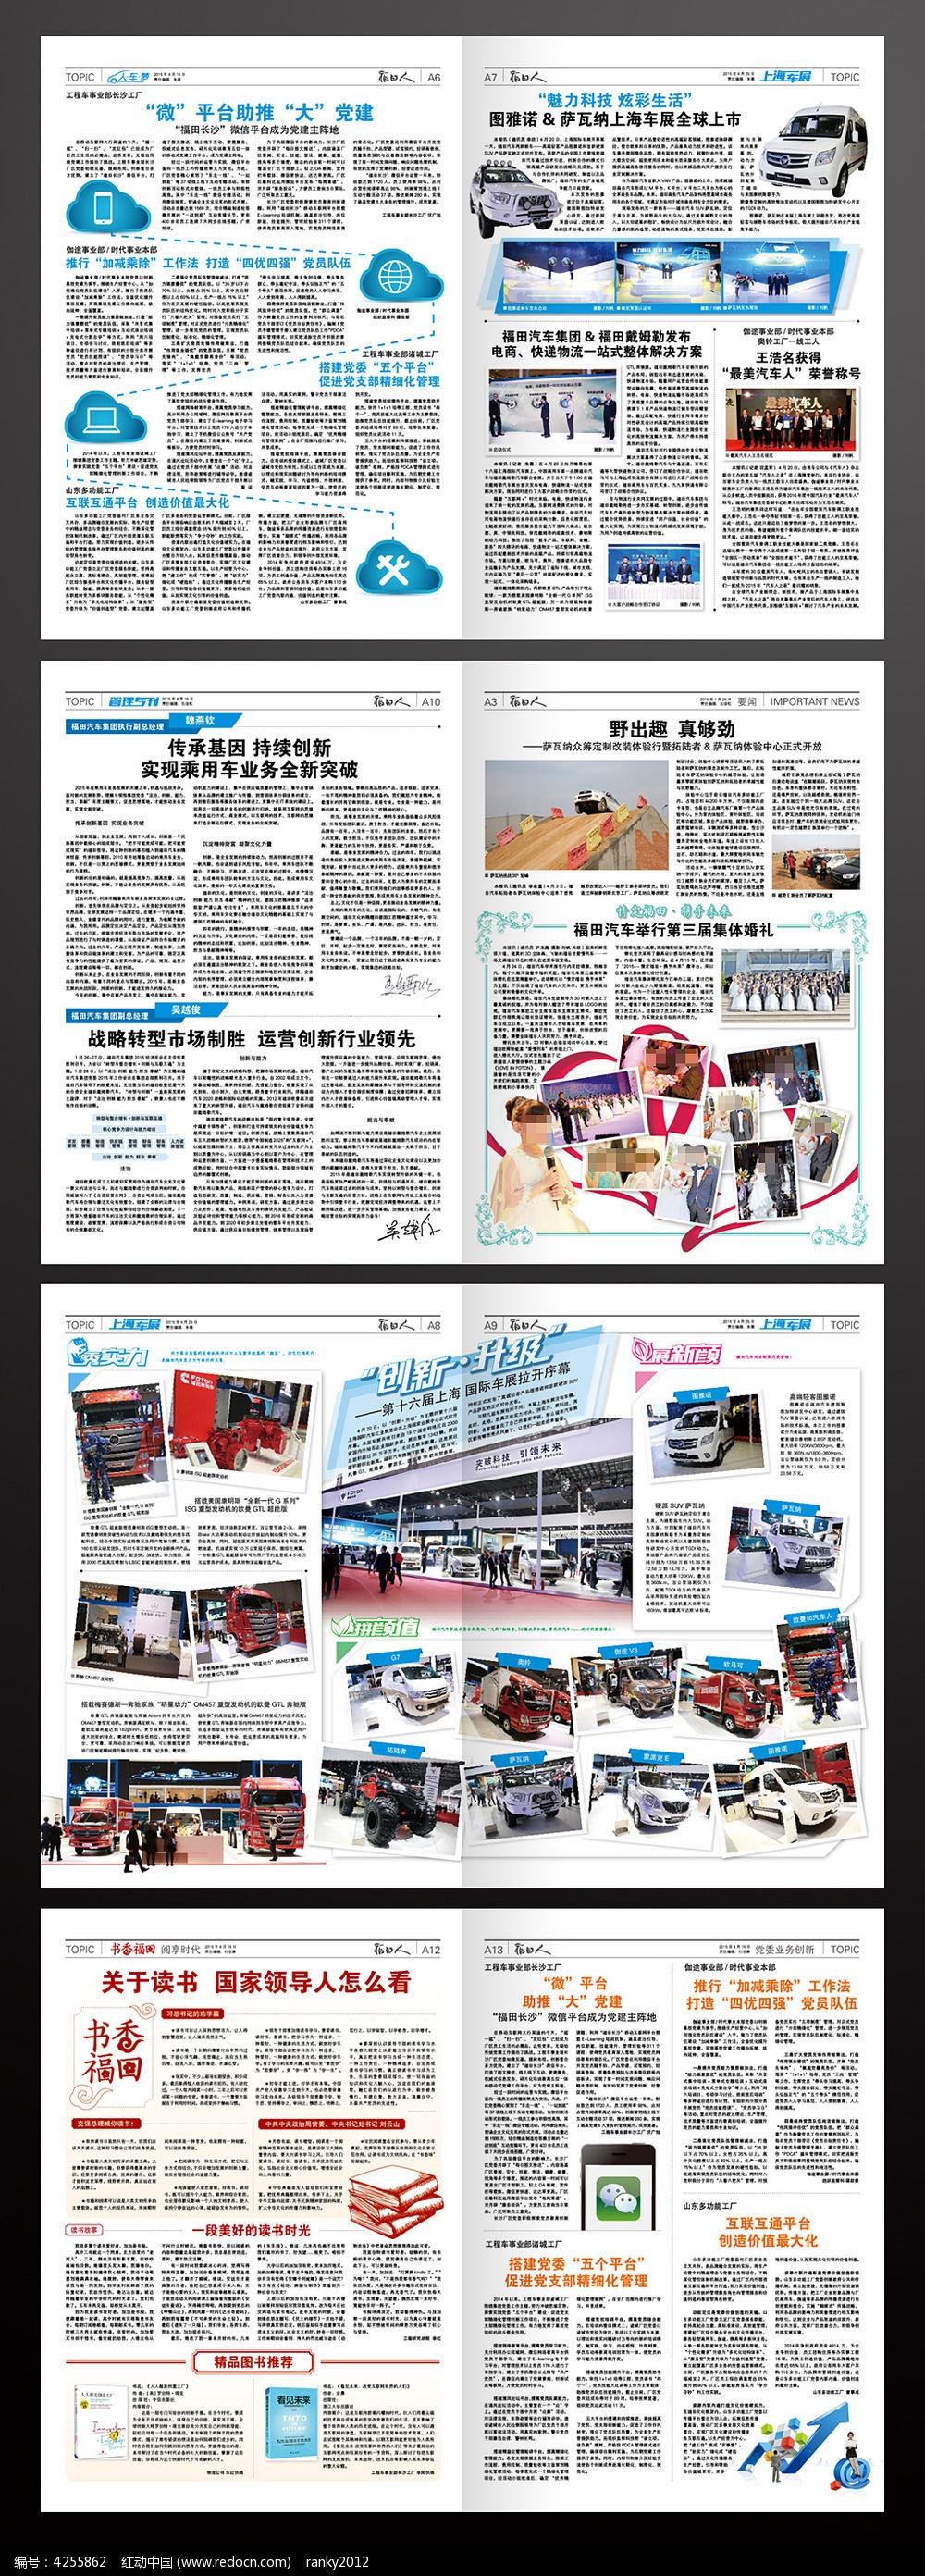 整套企业报纸专题排版设计图片